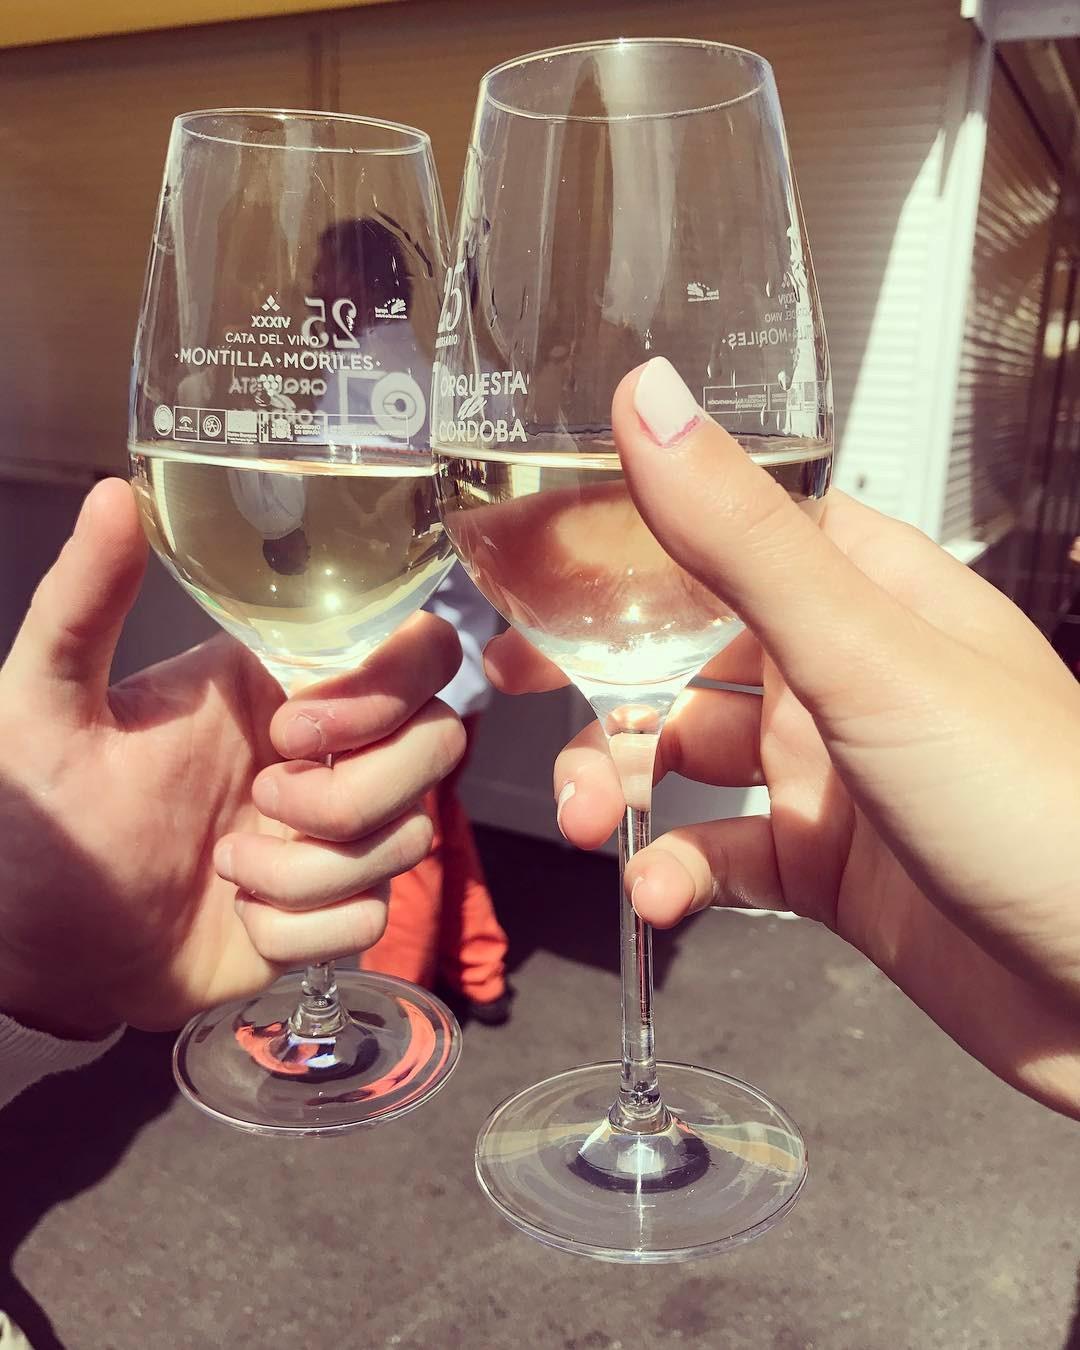 montilla moriles wine tasting - Spring festivals in Cordoba, Spain